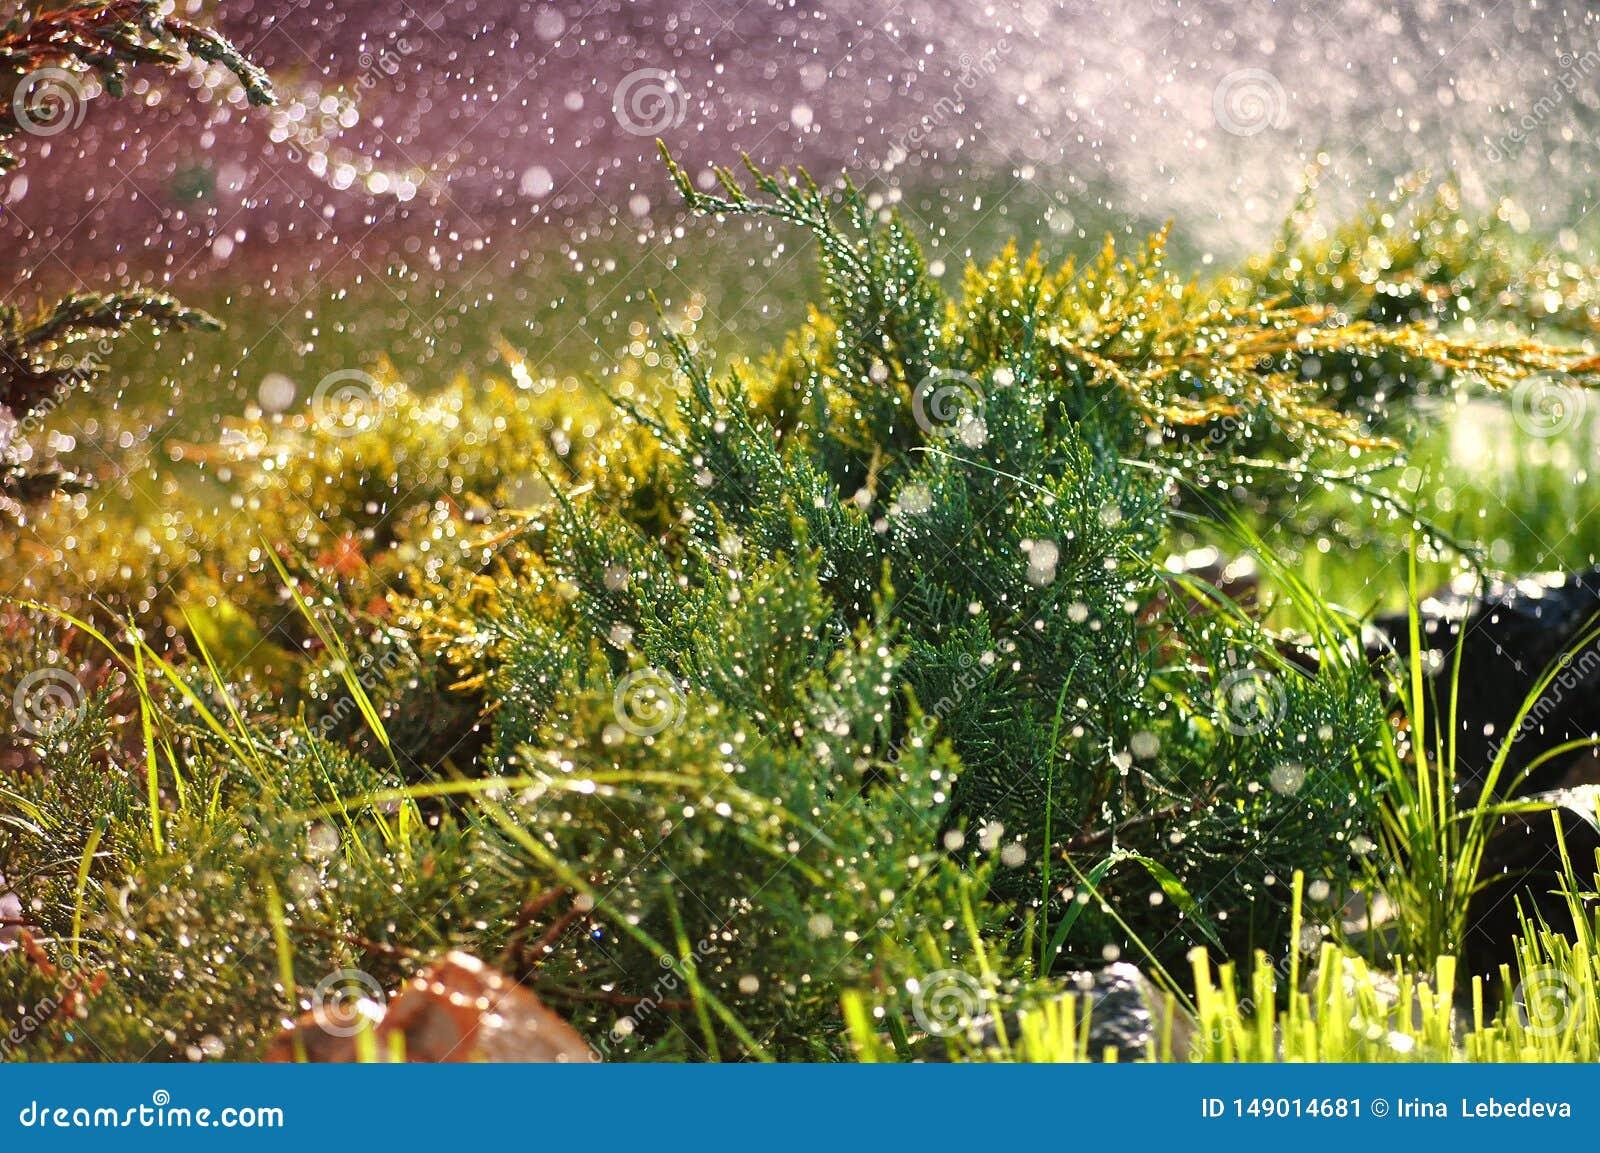 绿色园林植物在夏天雨珠下的庭院里